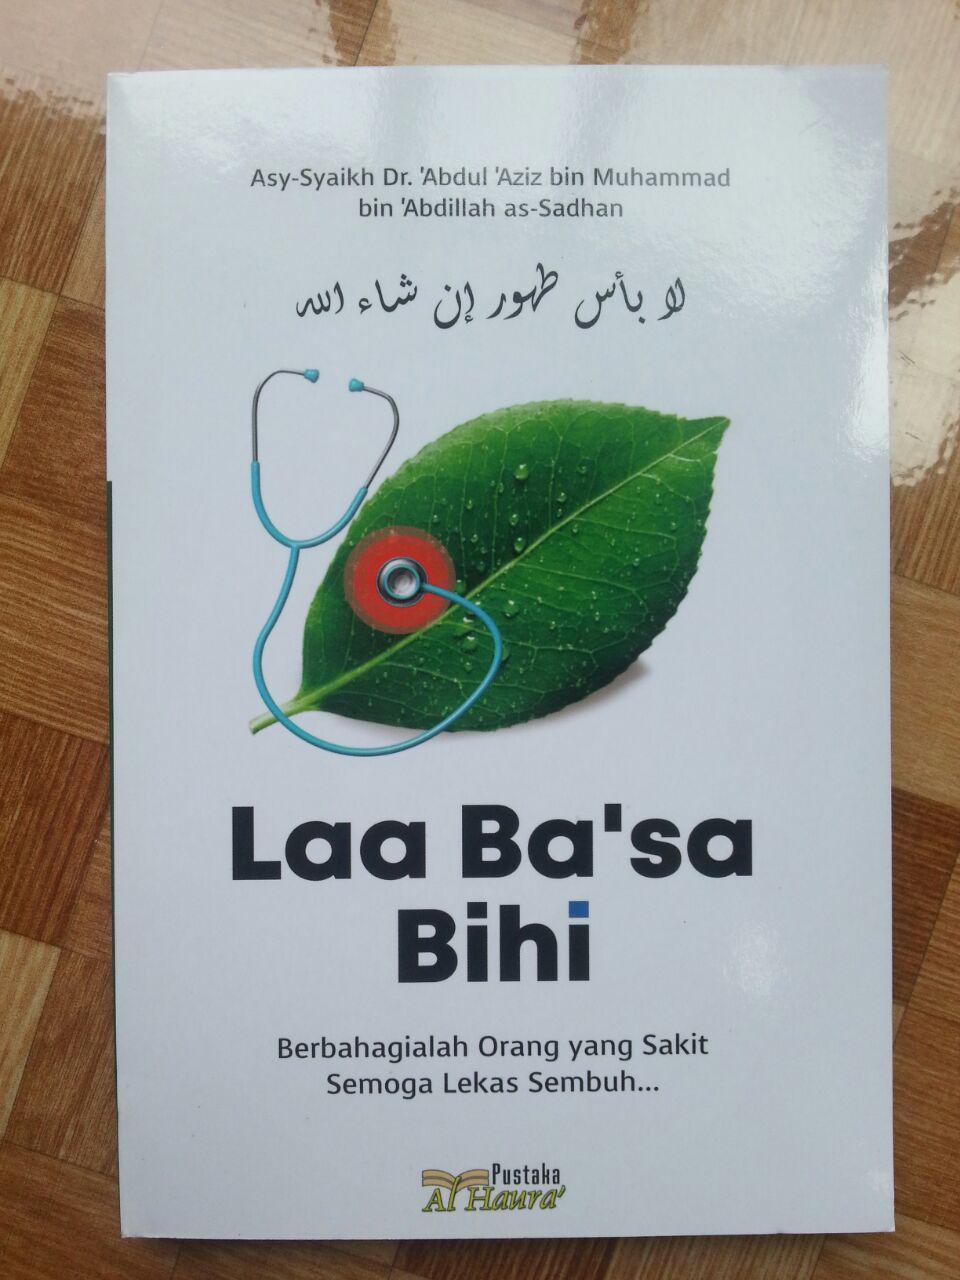 Buku Laa Ba'sa Bihi Berbahagialah Orang Yang Sakit cover 2